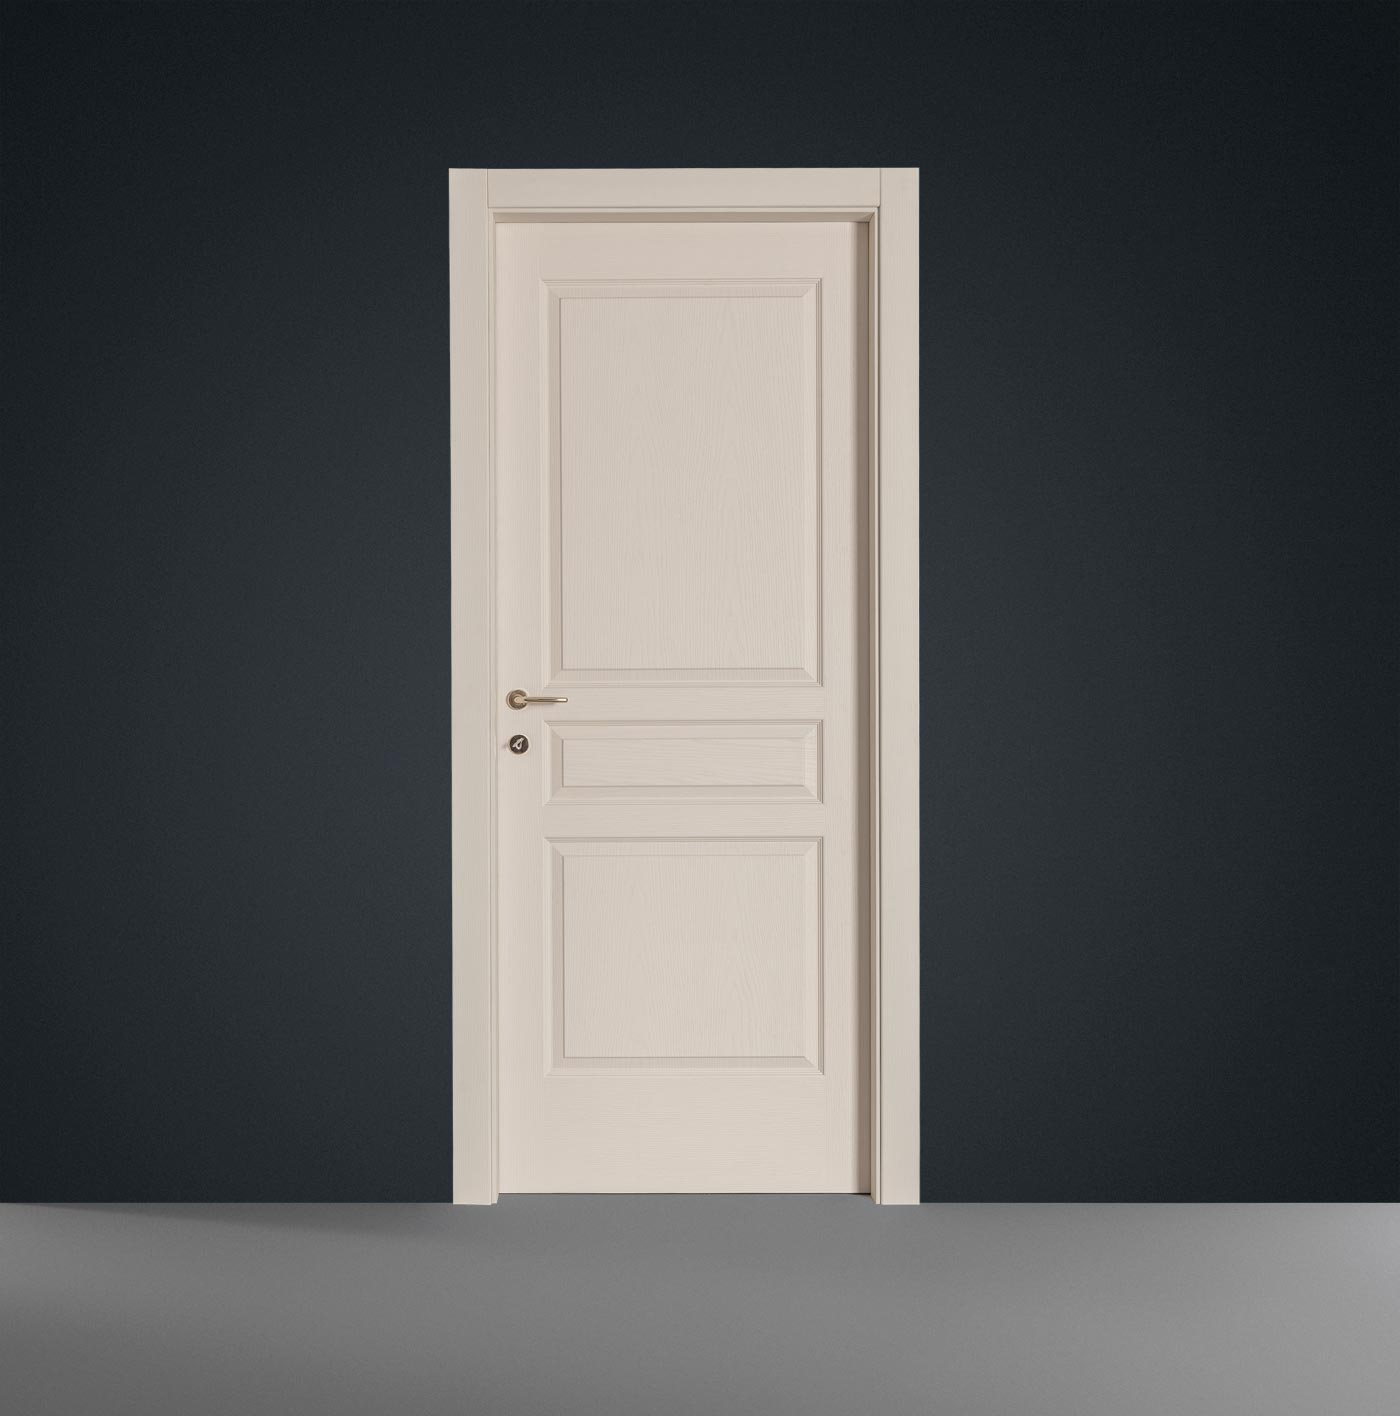 fabbrica porte interne catania > porte interne in legno massello ...